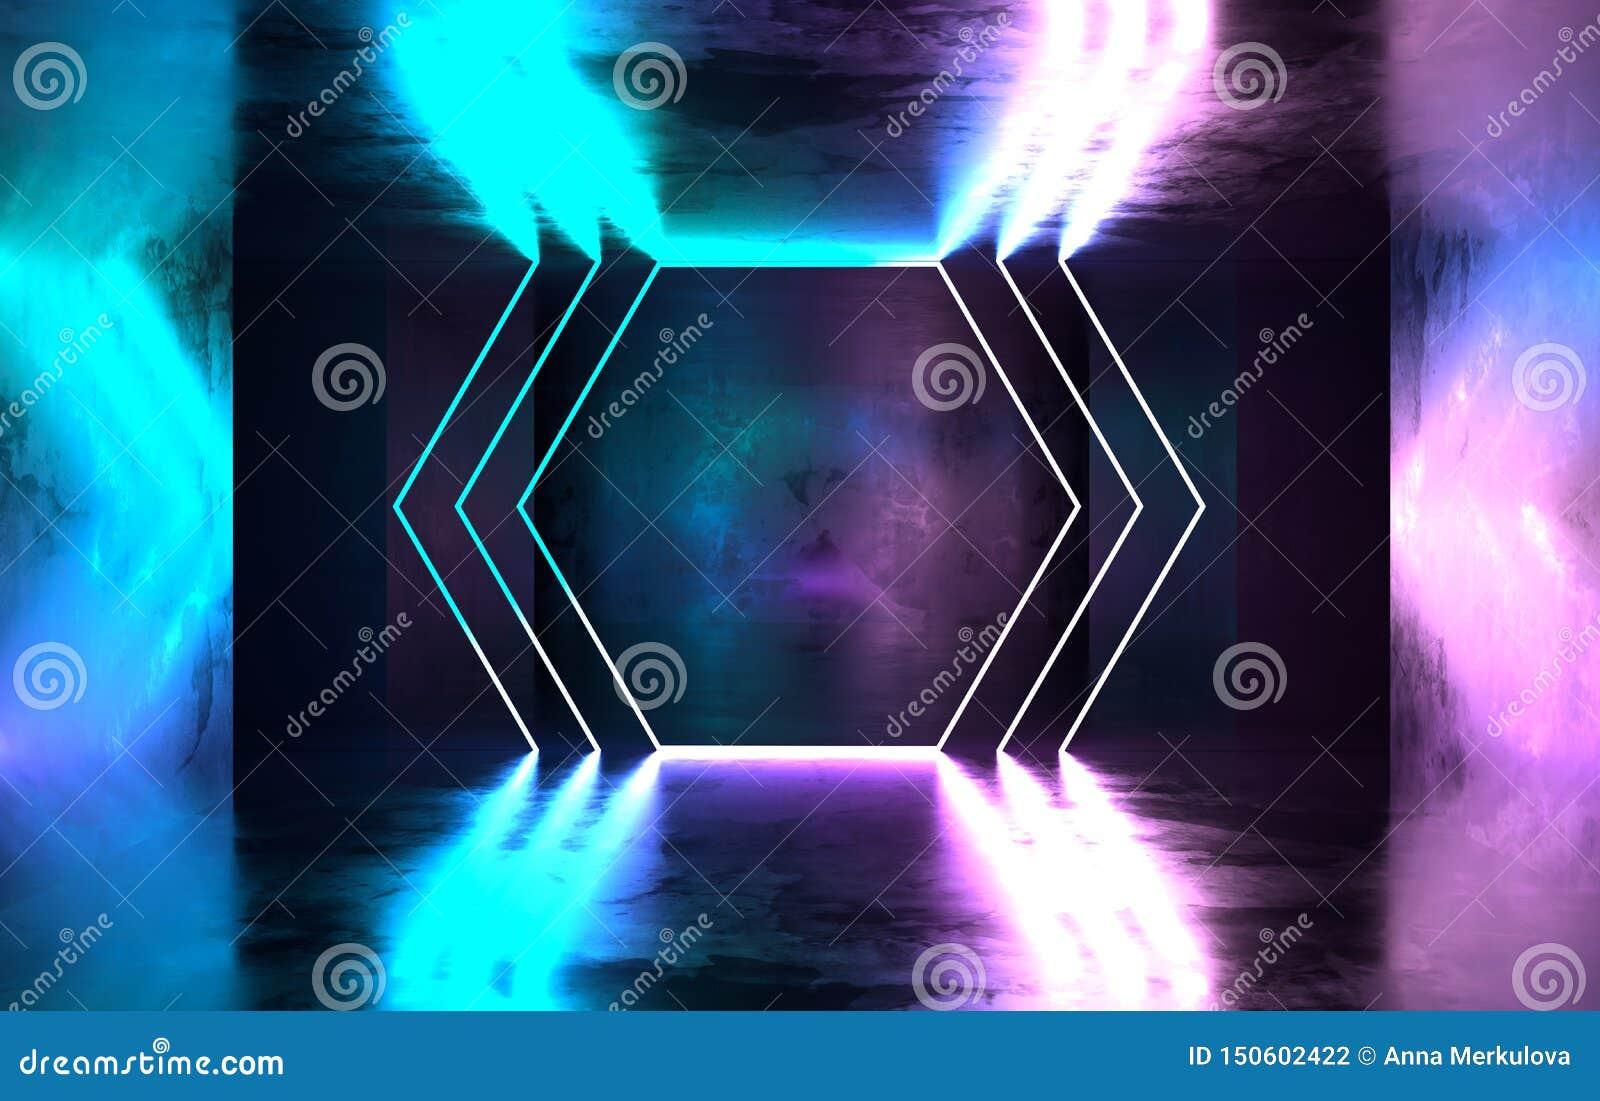 未来派有发光的科学幻想小说具体室霓虹 虚拟现实门户,充满活力的颜色,激光能来源 蓝色和桃红色氖